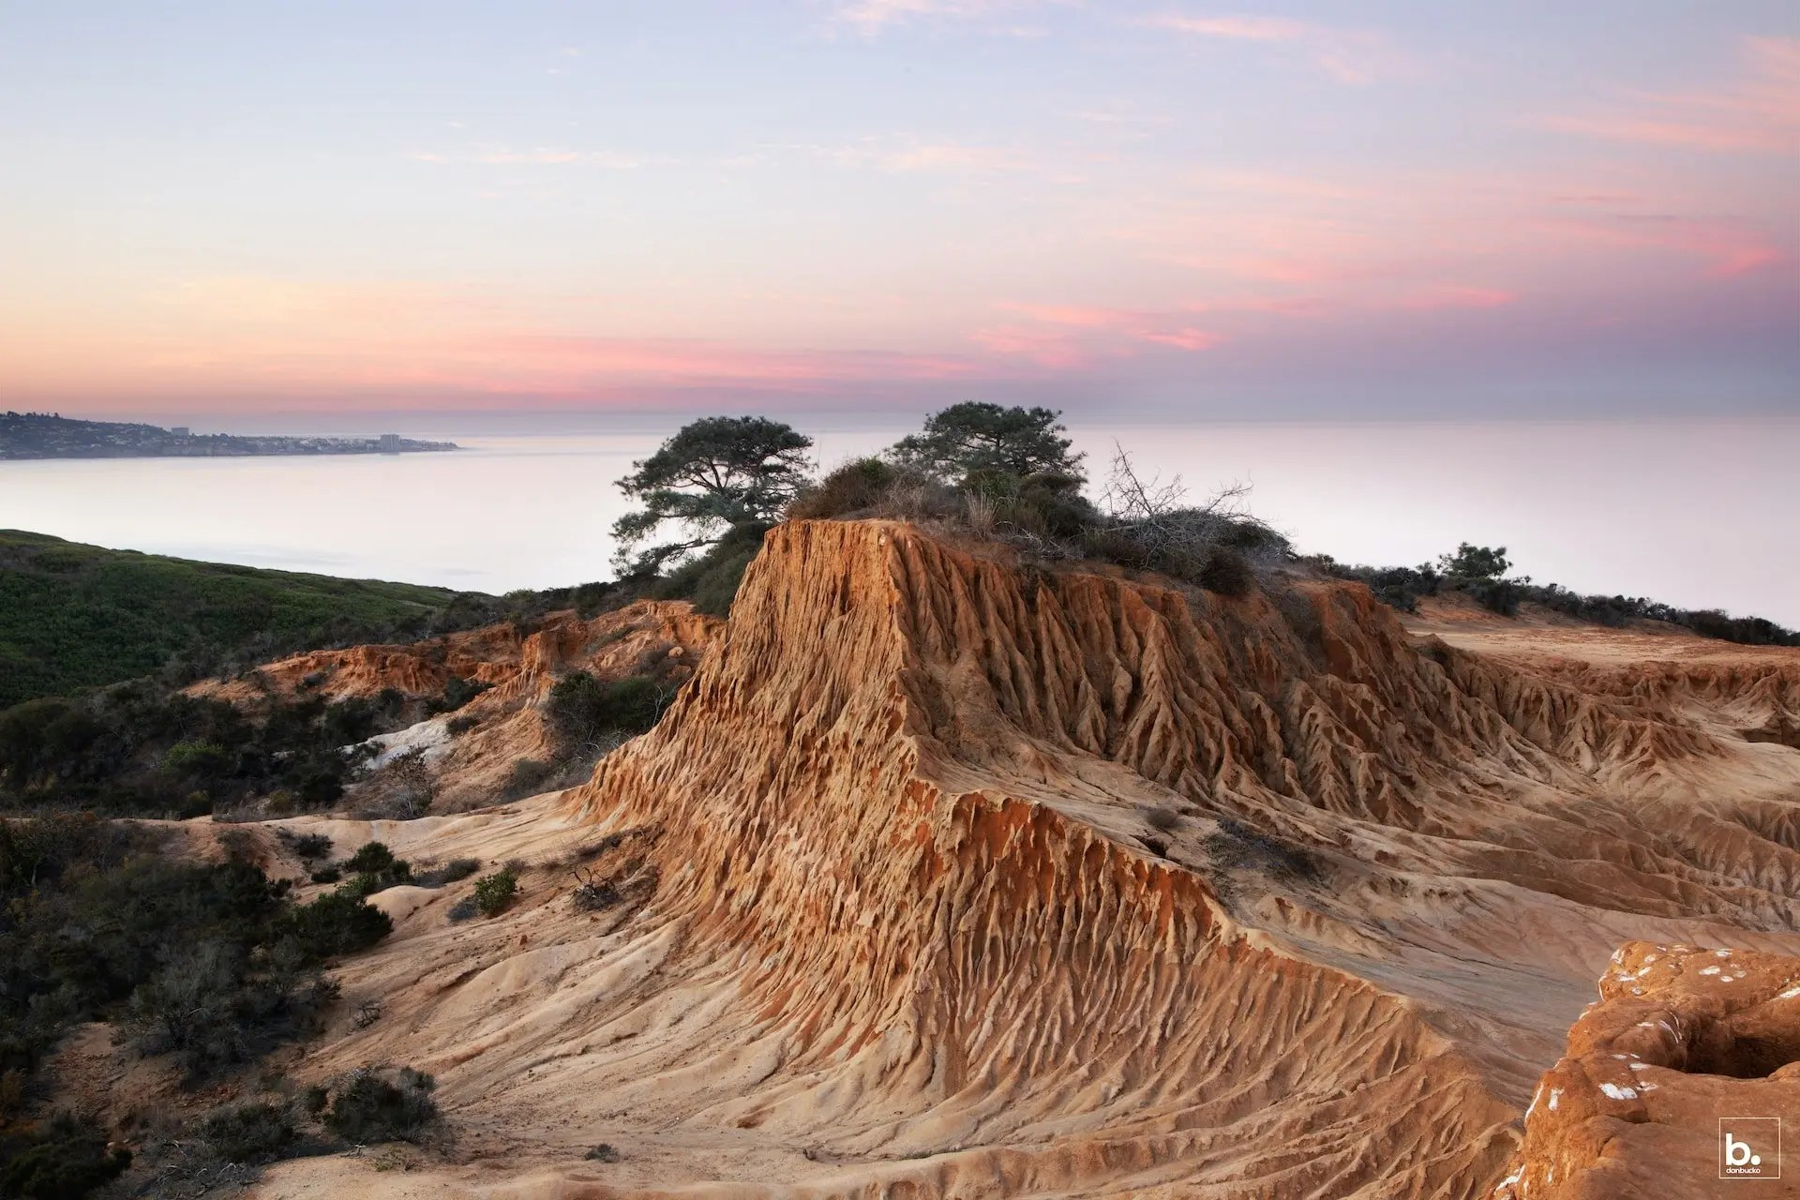 Dan Bucko - Twilight Broken Hill Torrey Pines